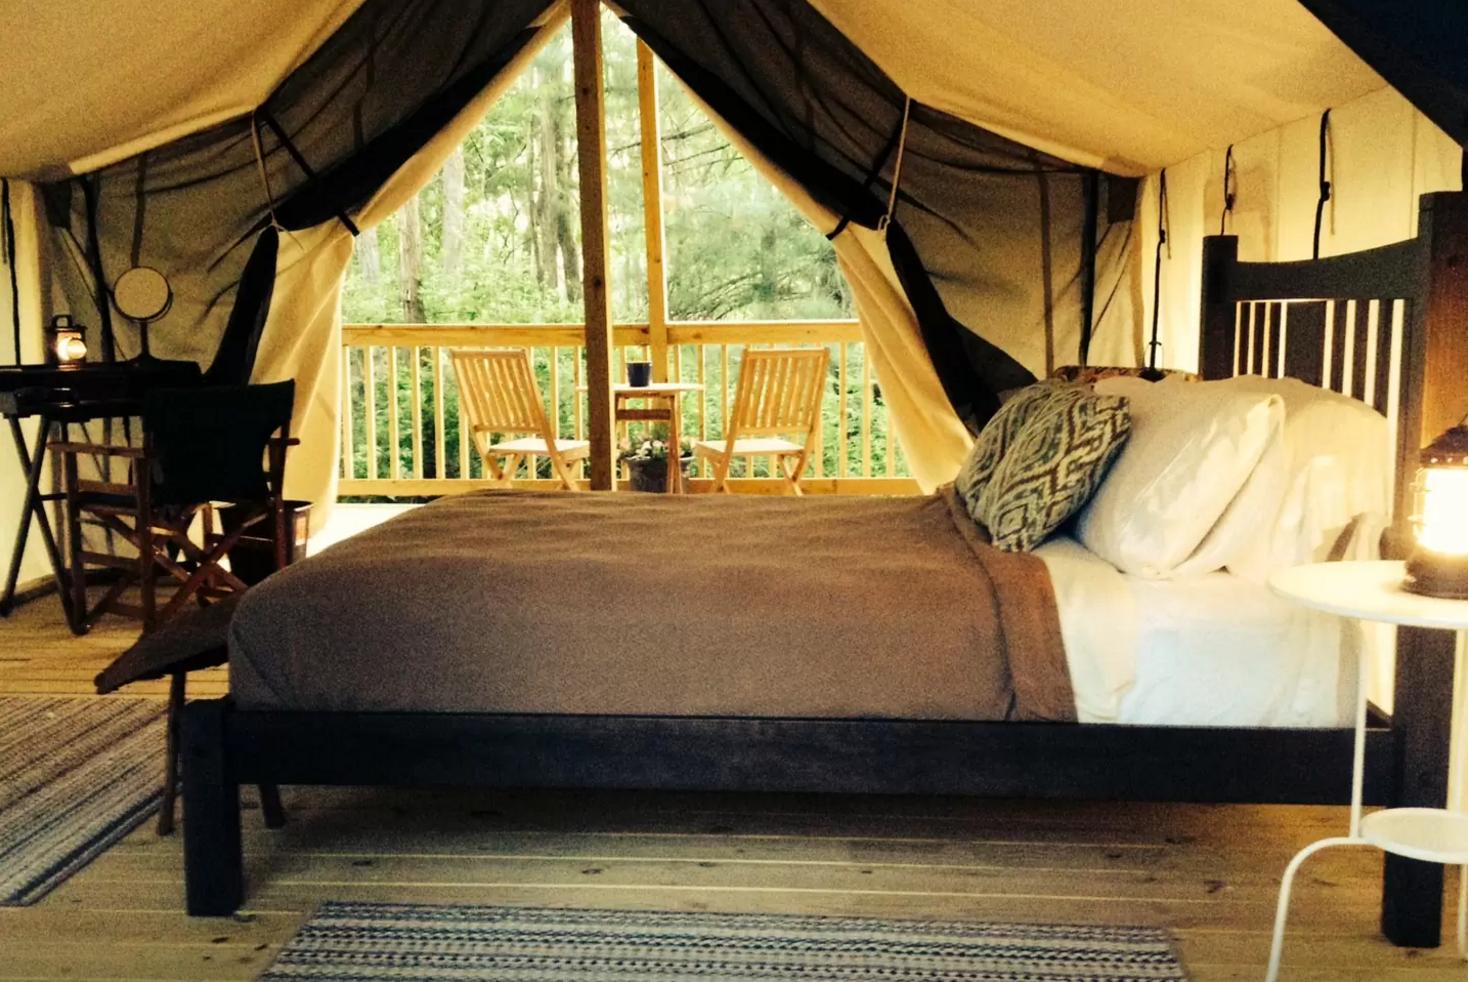 Cozy Safari Tent Camping Near Seneca Lake In Upstate New York